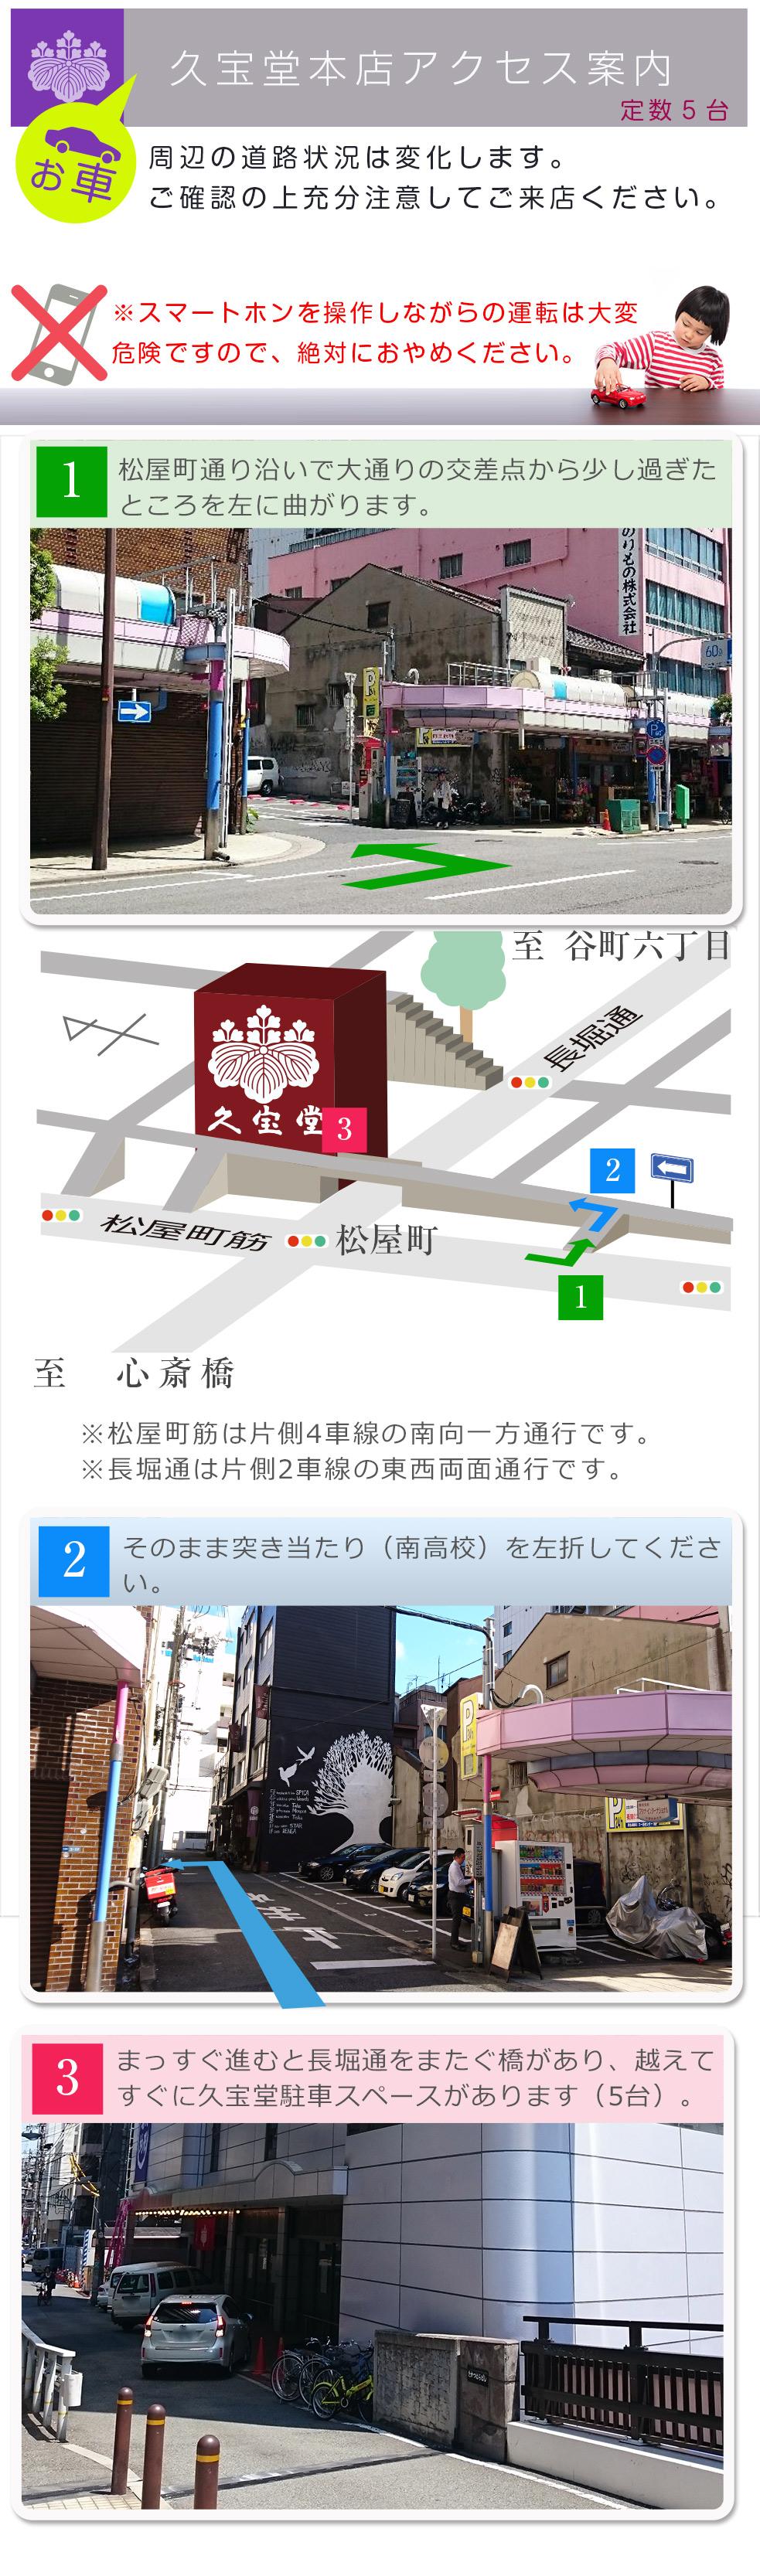 人形の久宝堂(大阪・松屋町本店)[お車でのアクセス用:周辺図]